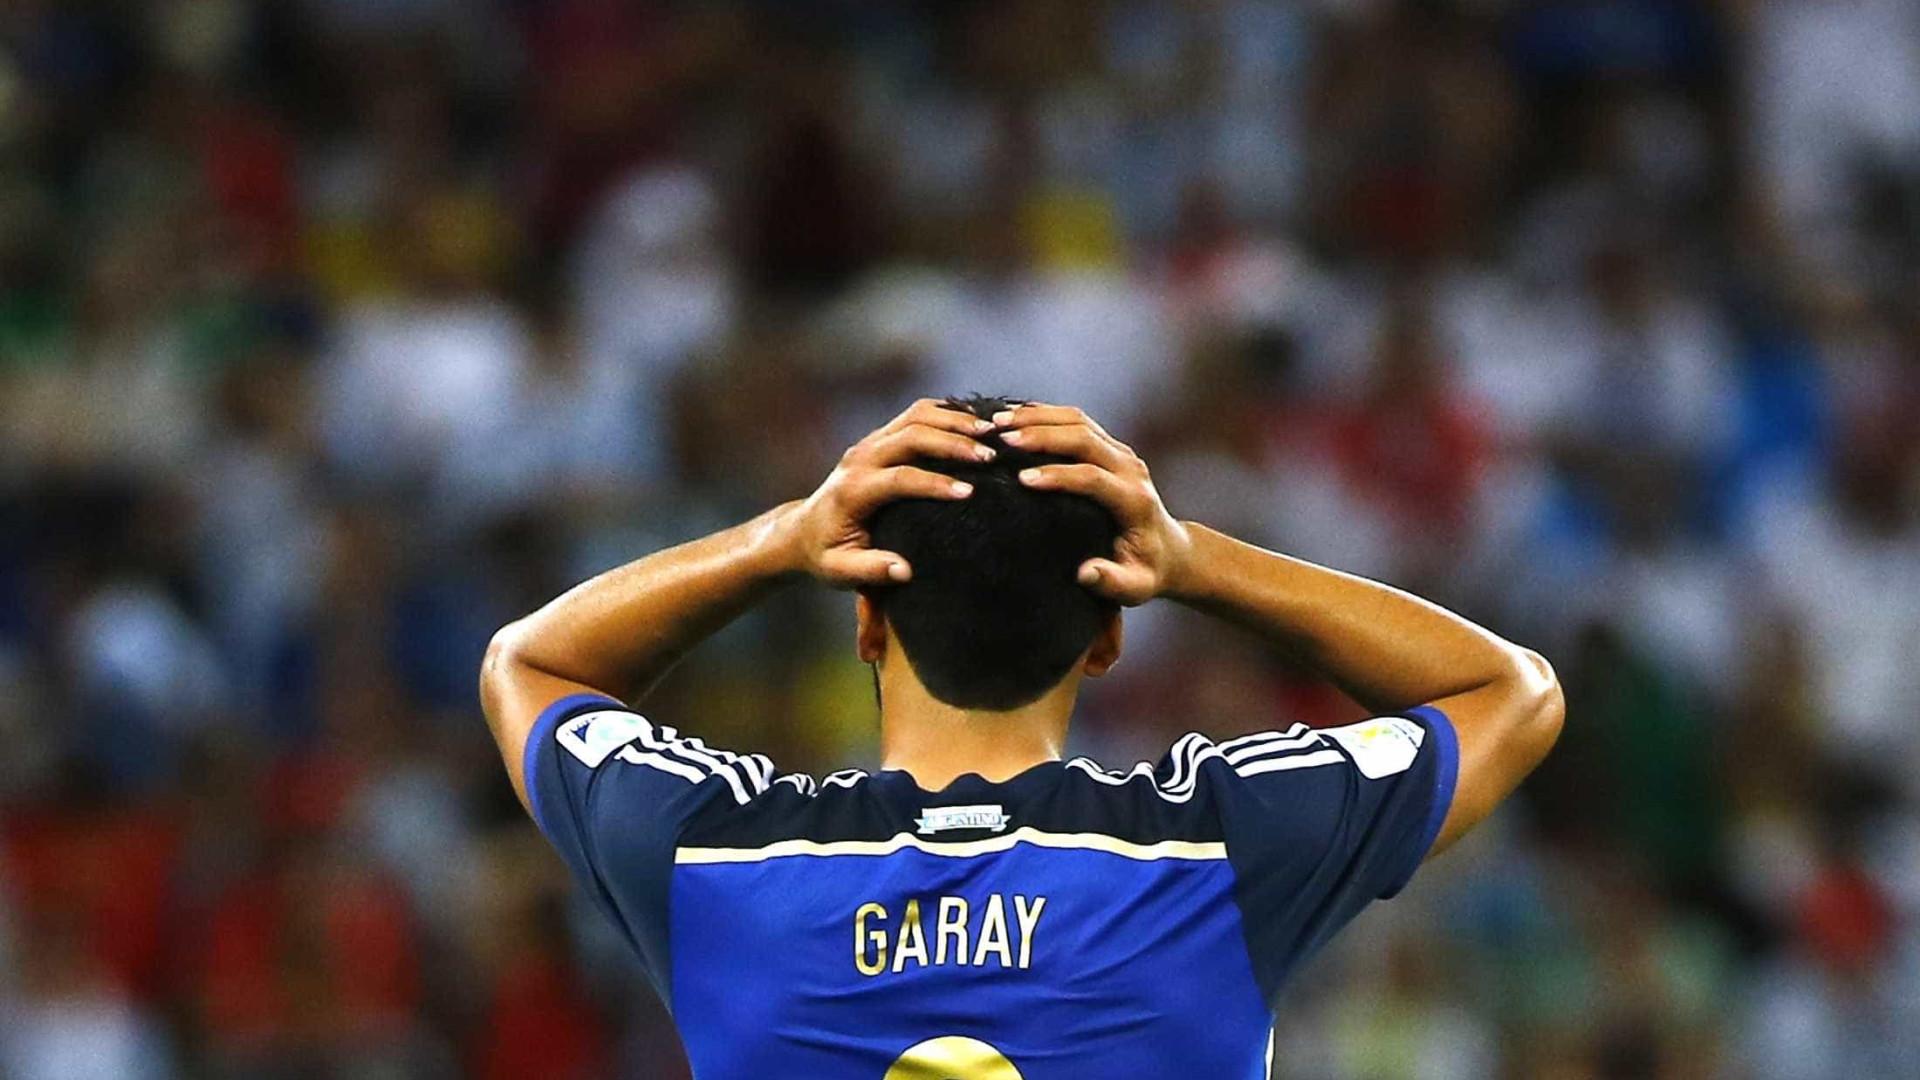 Garay desejado por clubes ingleses e espanhóis 0ee8a299edc76